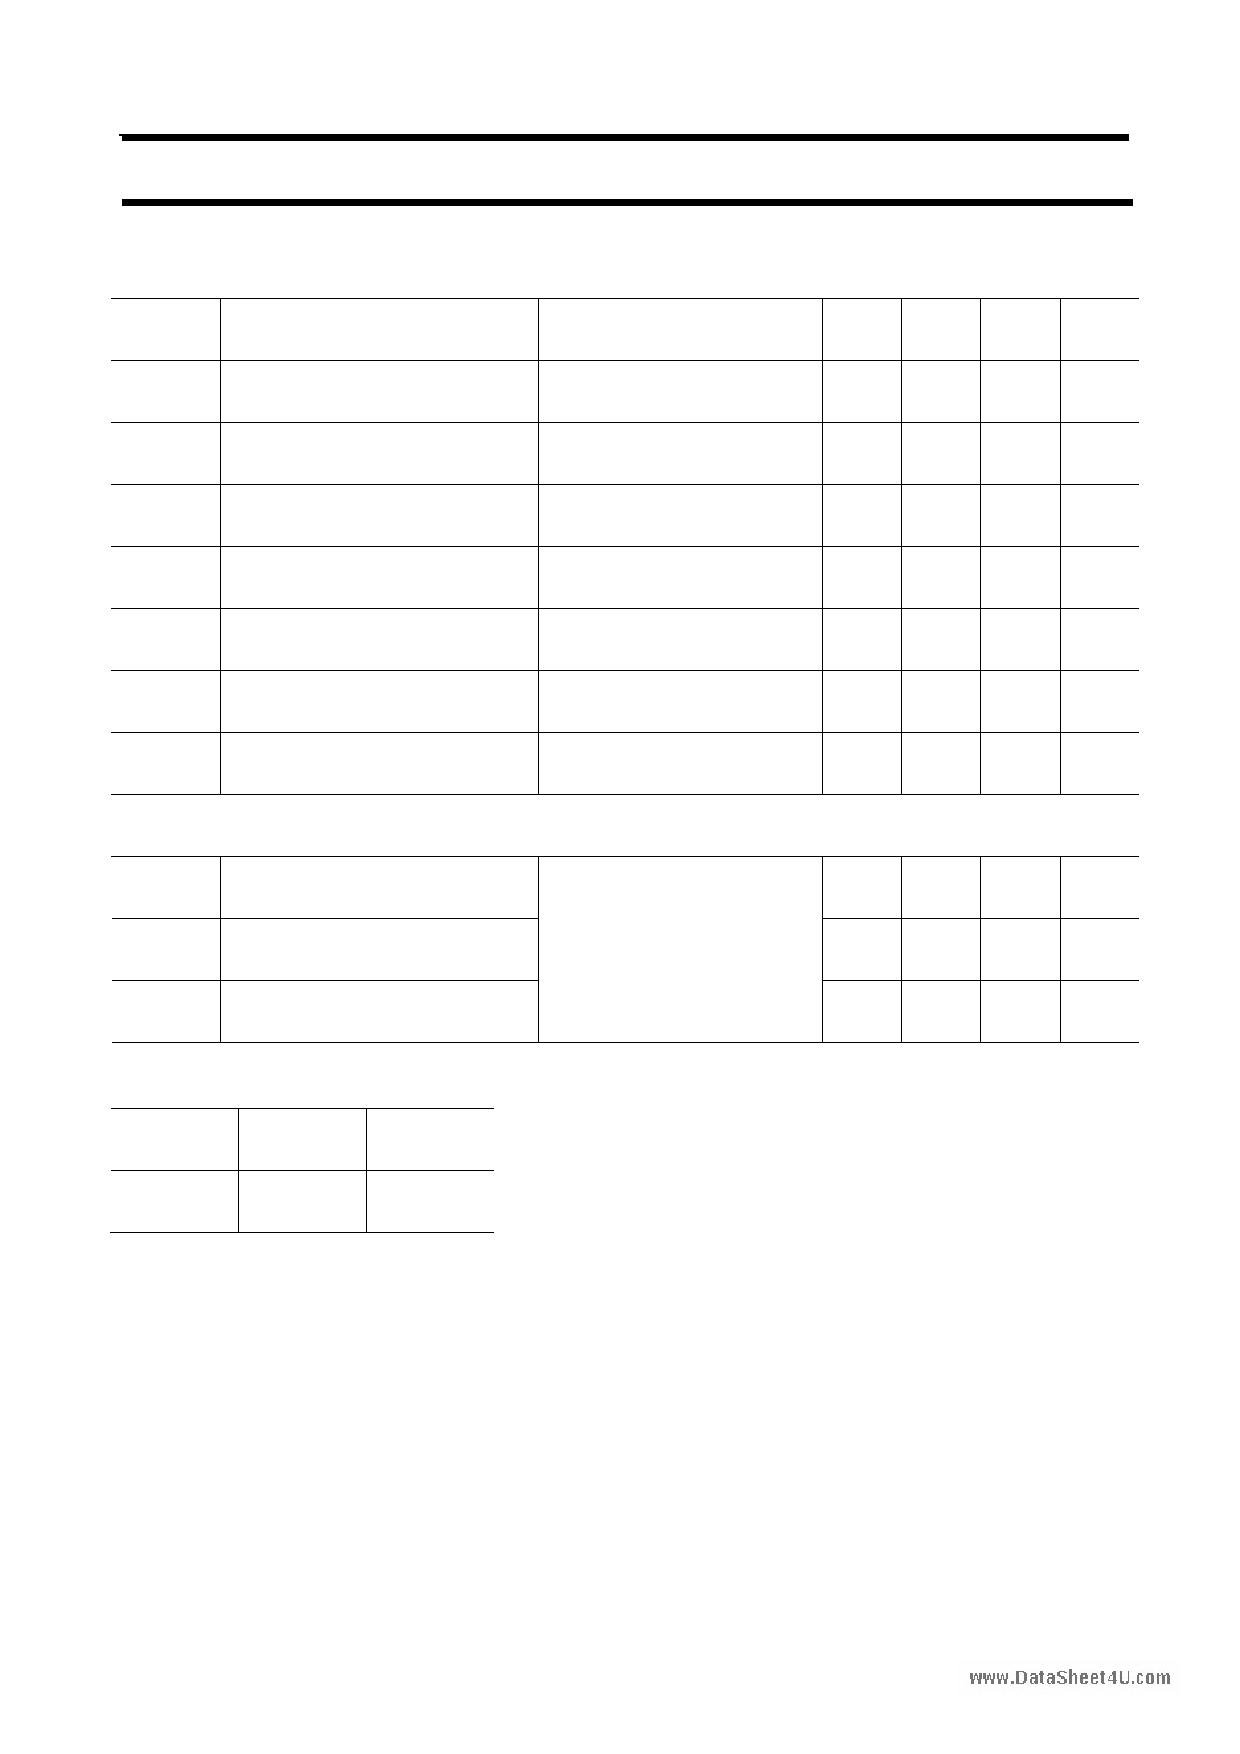 A1008 pdf, schematic